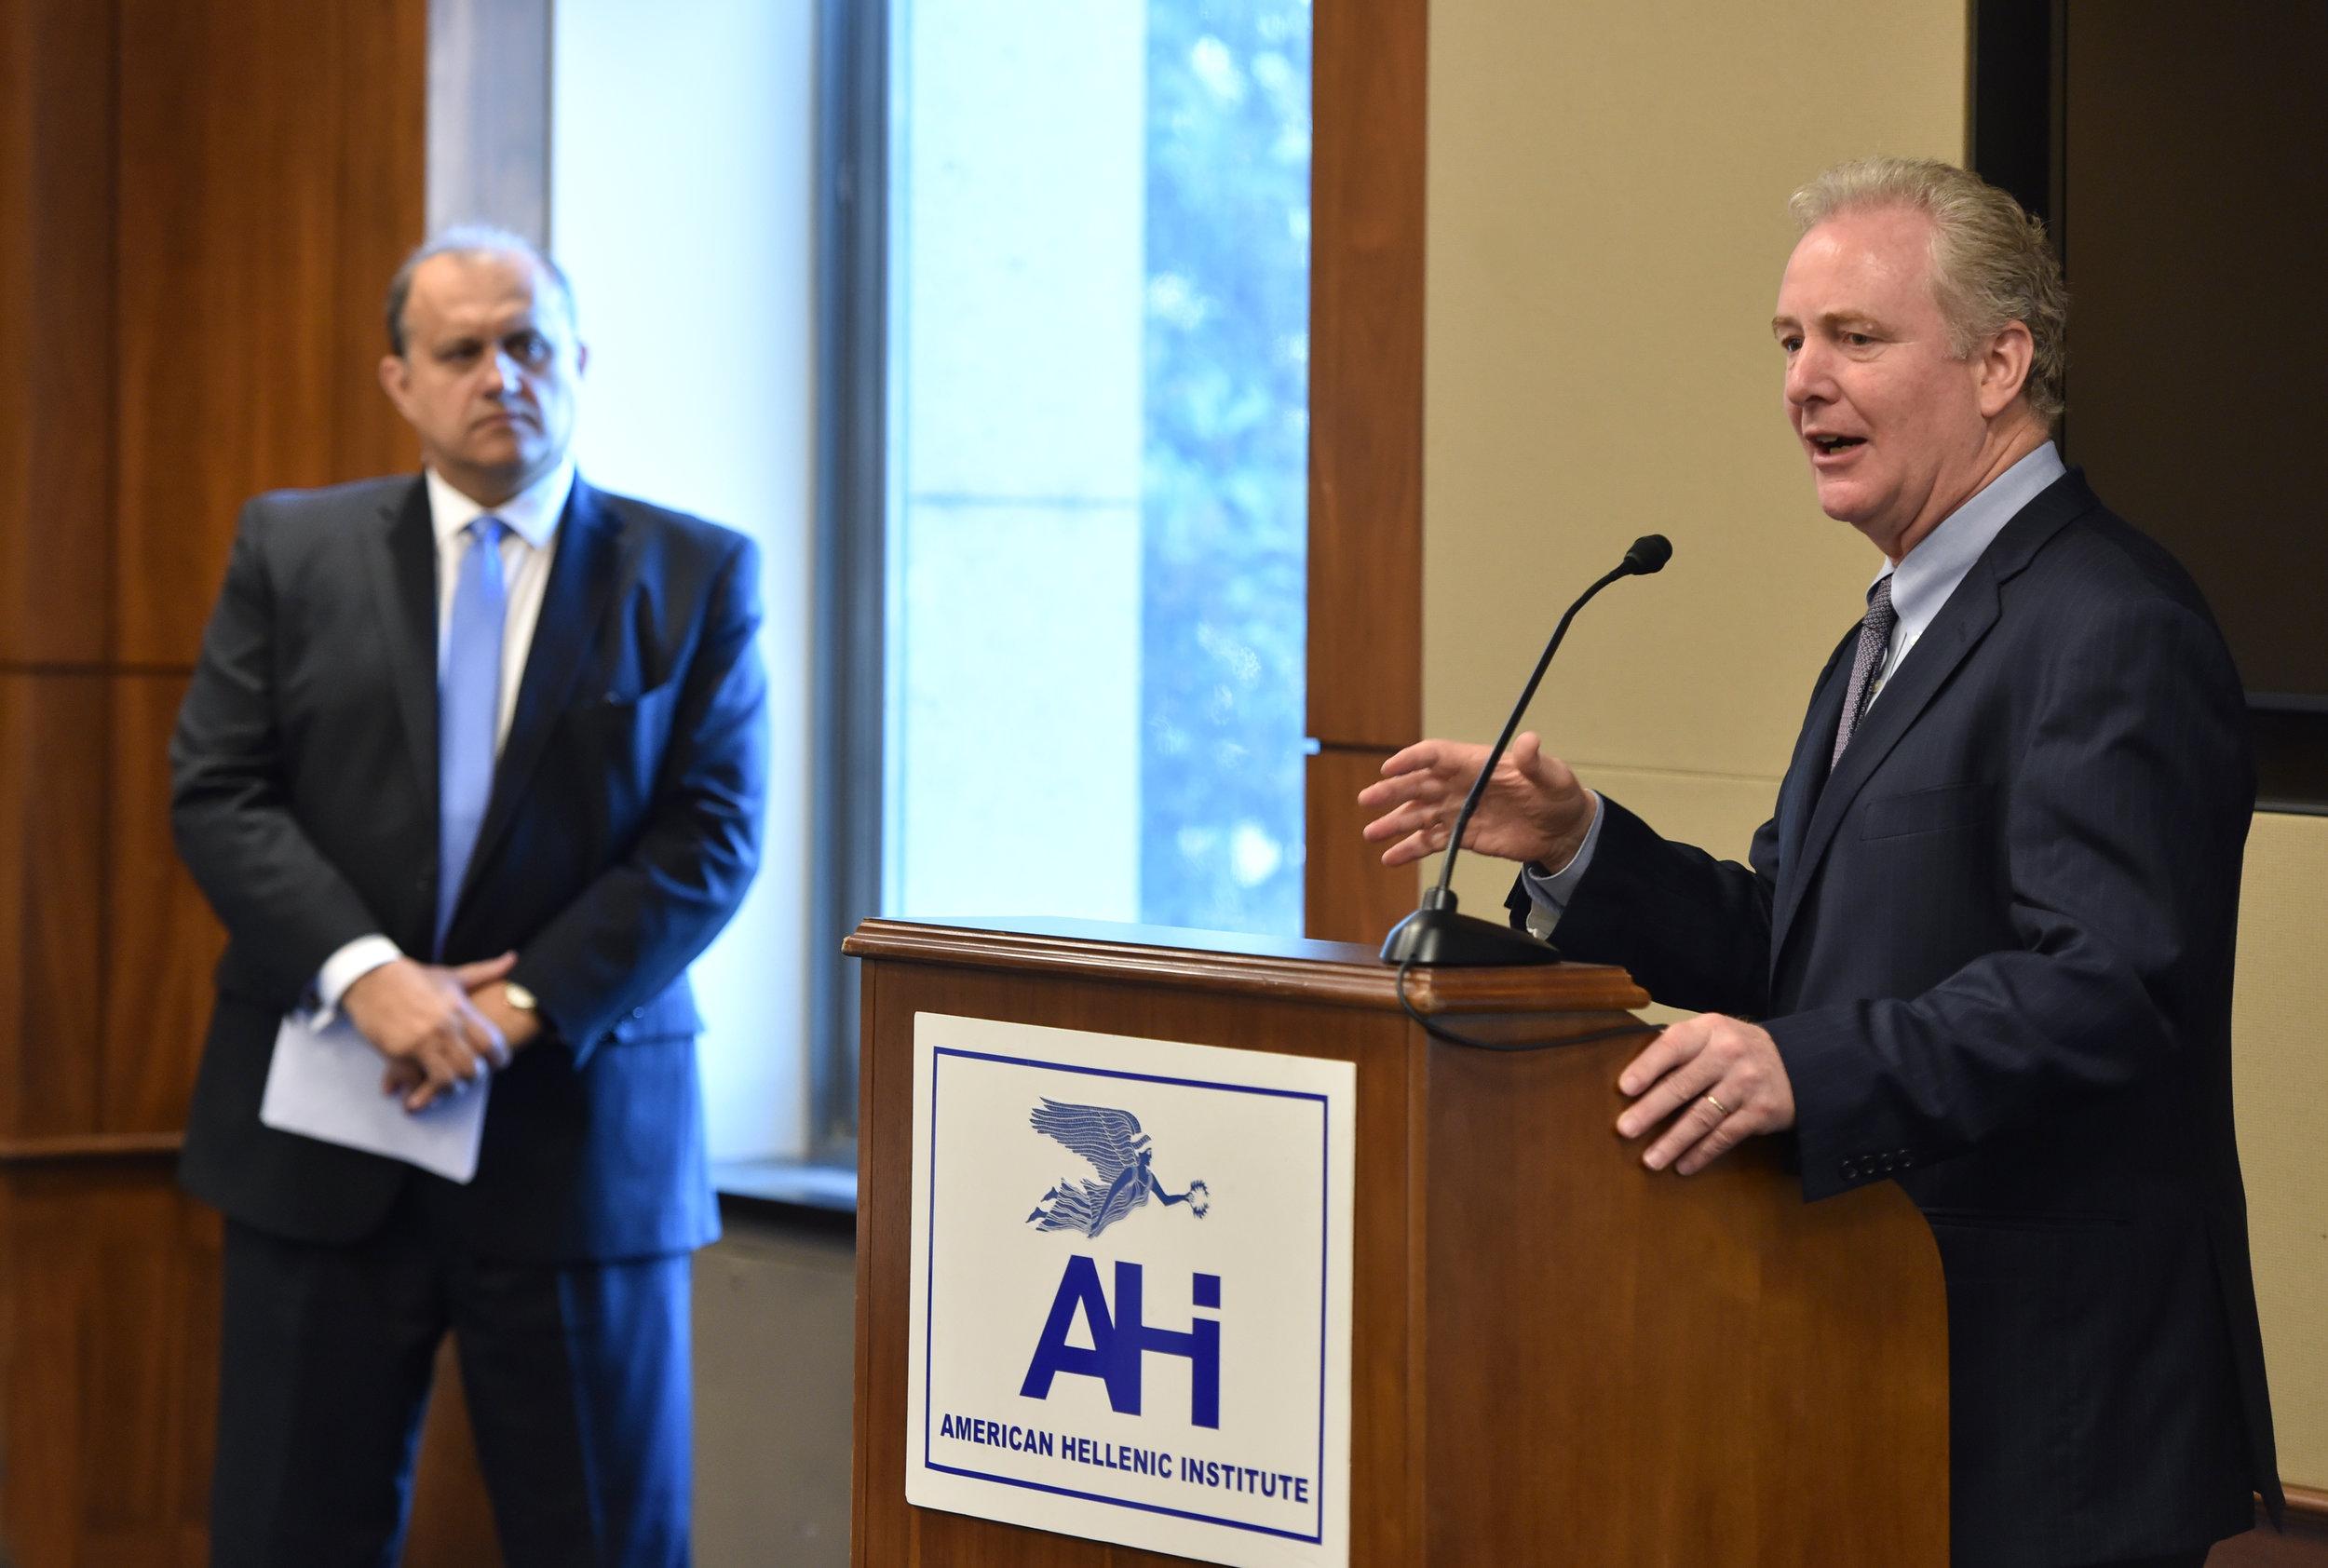 Senator Chris Van Hollen (D-MD)